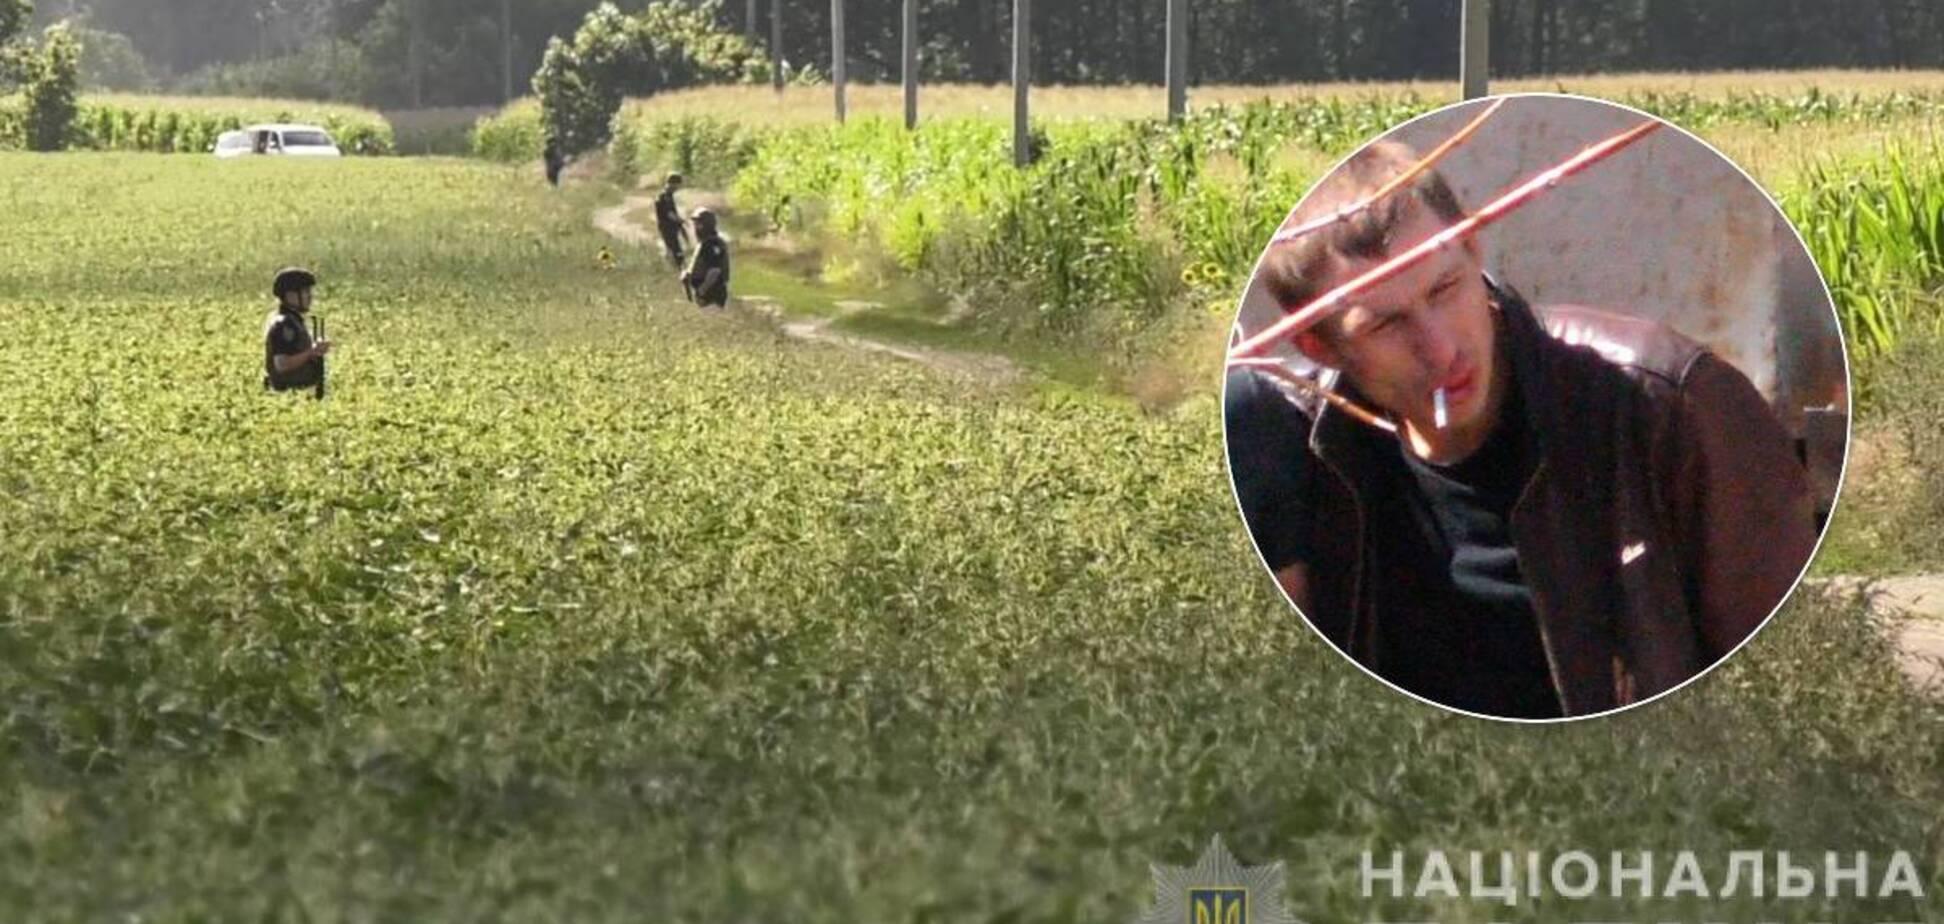 Полтавського 'терориста' не можуть знайти вже четверту добу: в поліції пояснили, в чому складність